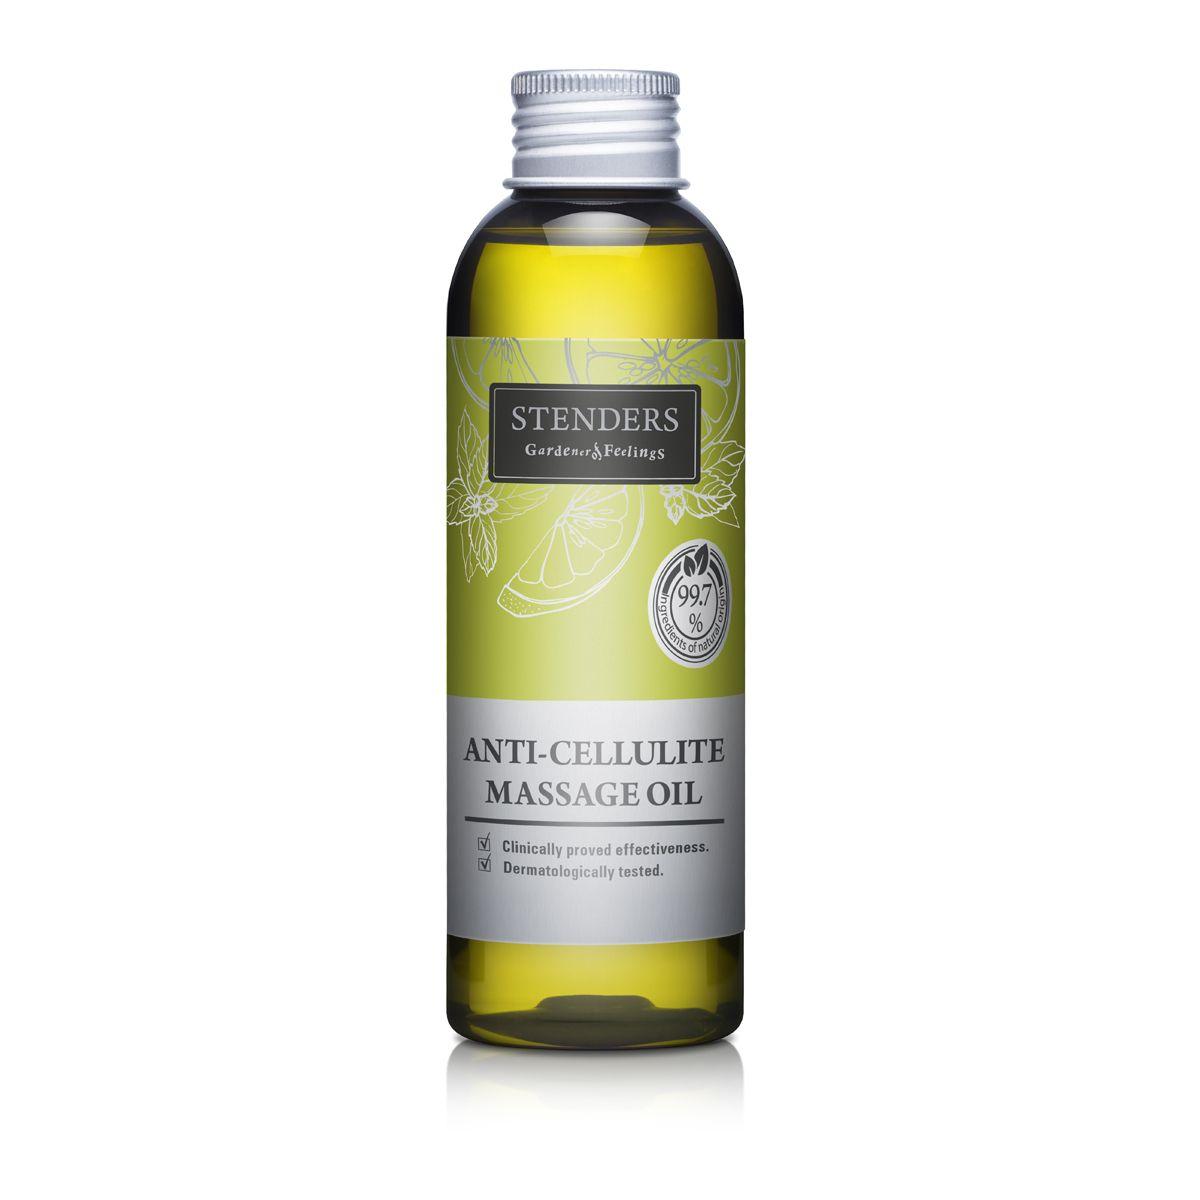 Stenders Масло для тела Антицеллюлитное 150 млFS-00897Регулярное использование этого масла при массаже позволяет достичь заметных результатов, предотвращая и заметно уменьшая эффект «апельсиновой корки».